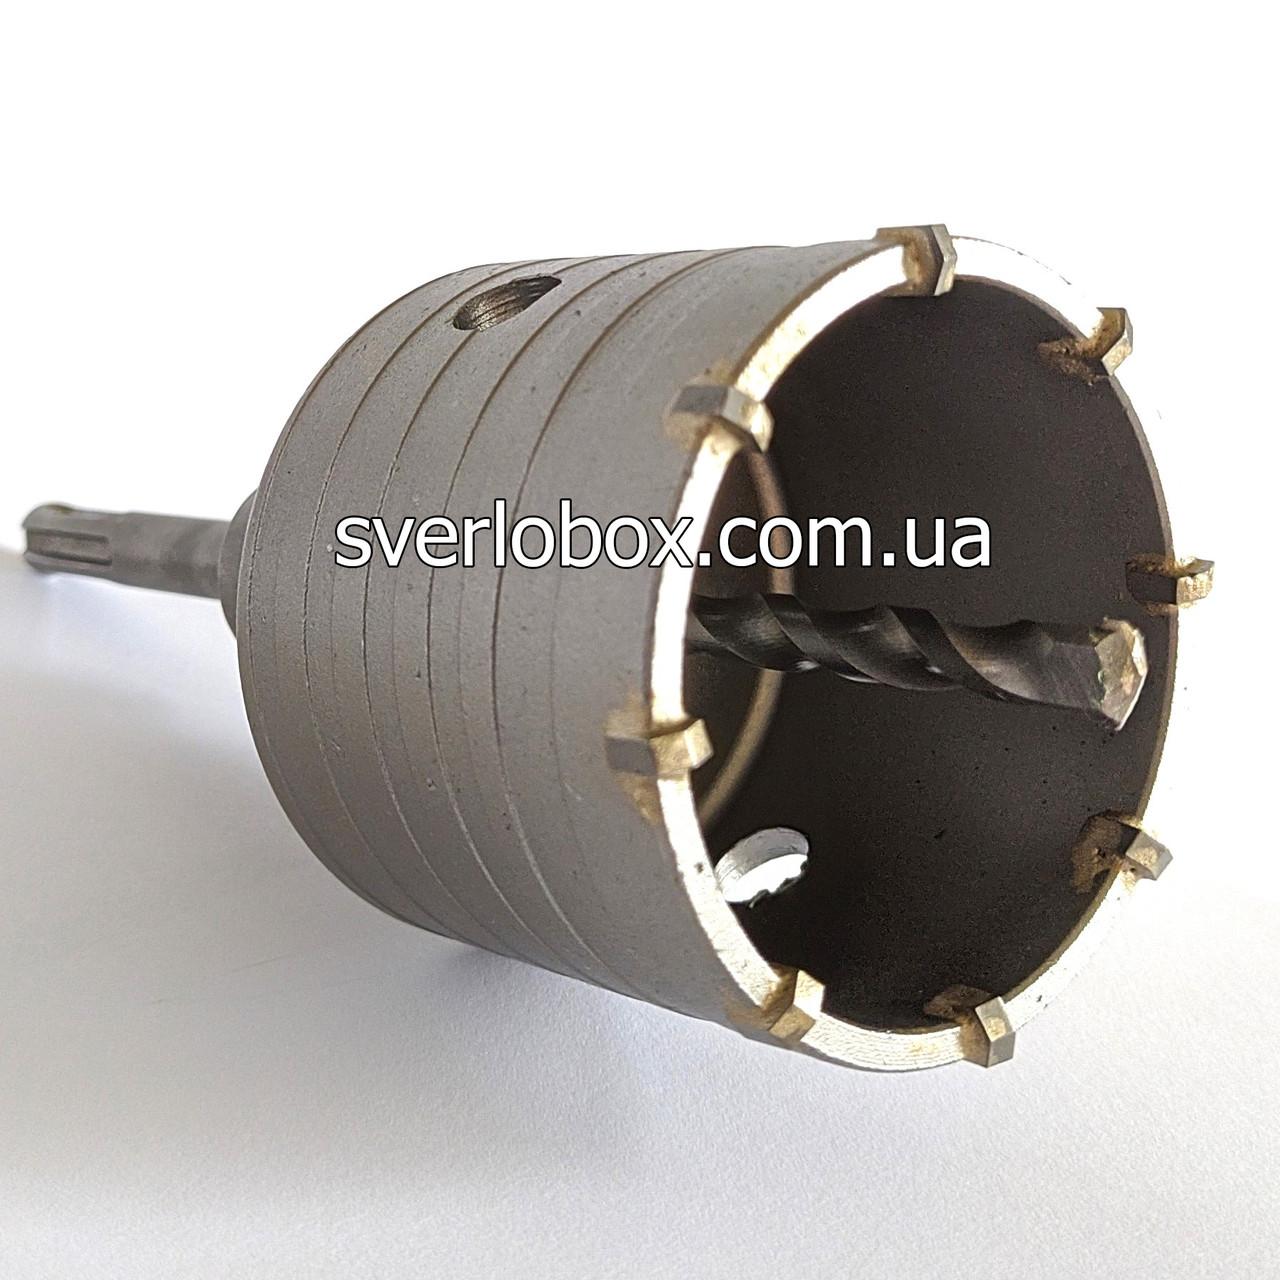 Коронка по бетону для перфоратора 90 мм SDS-plus